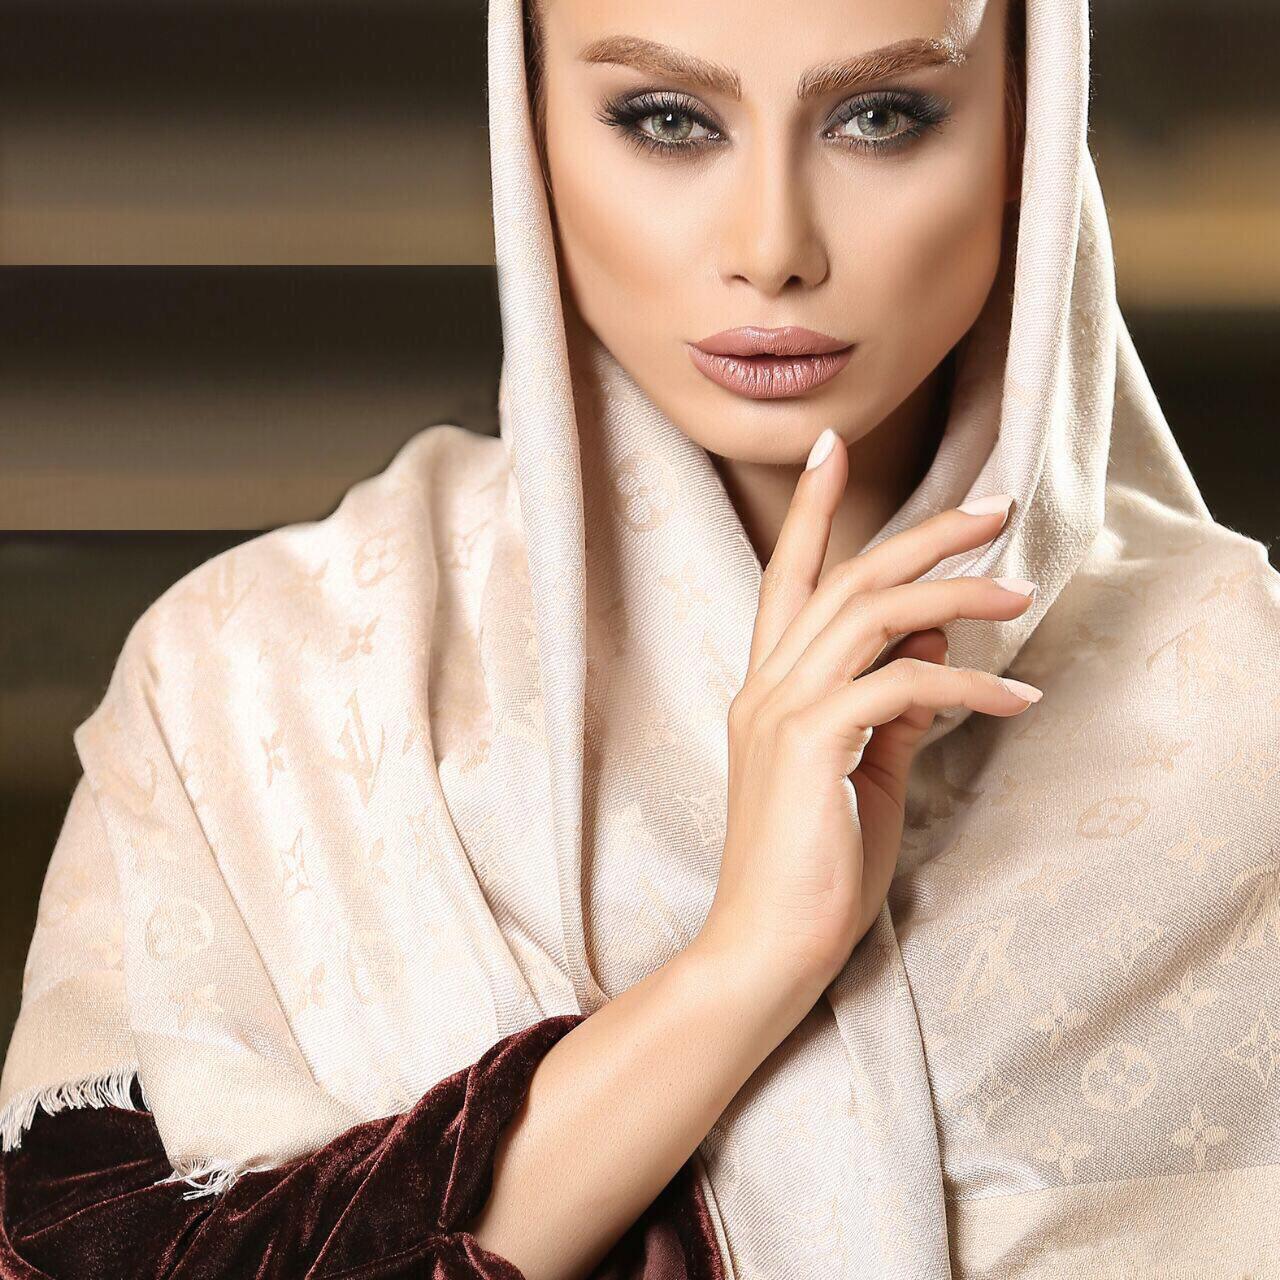 تولیدی شال و روسری مشهد